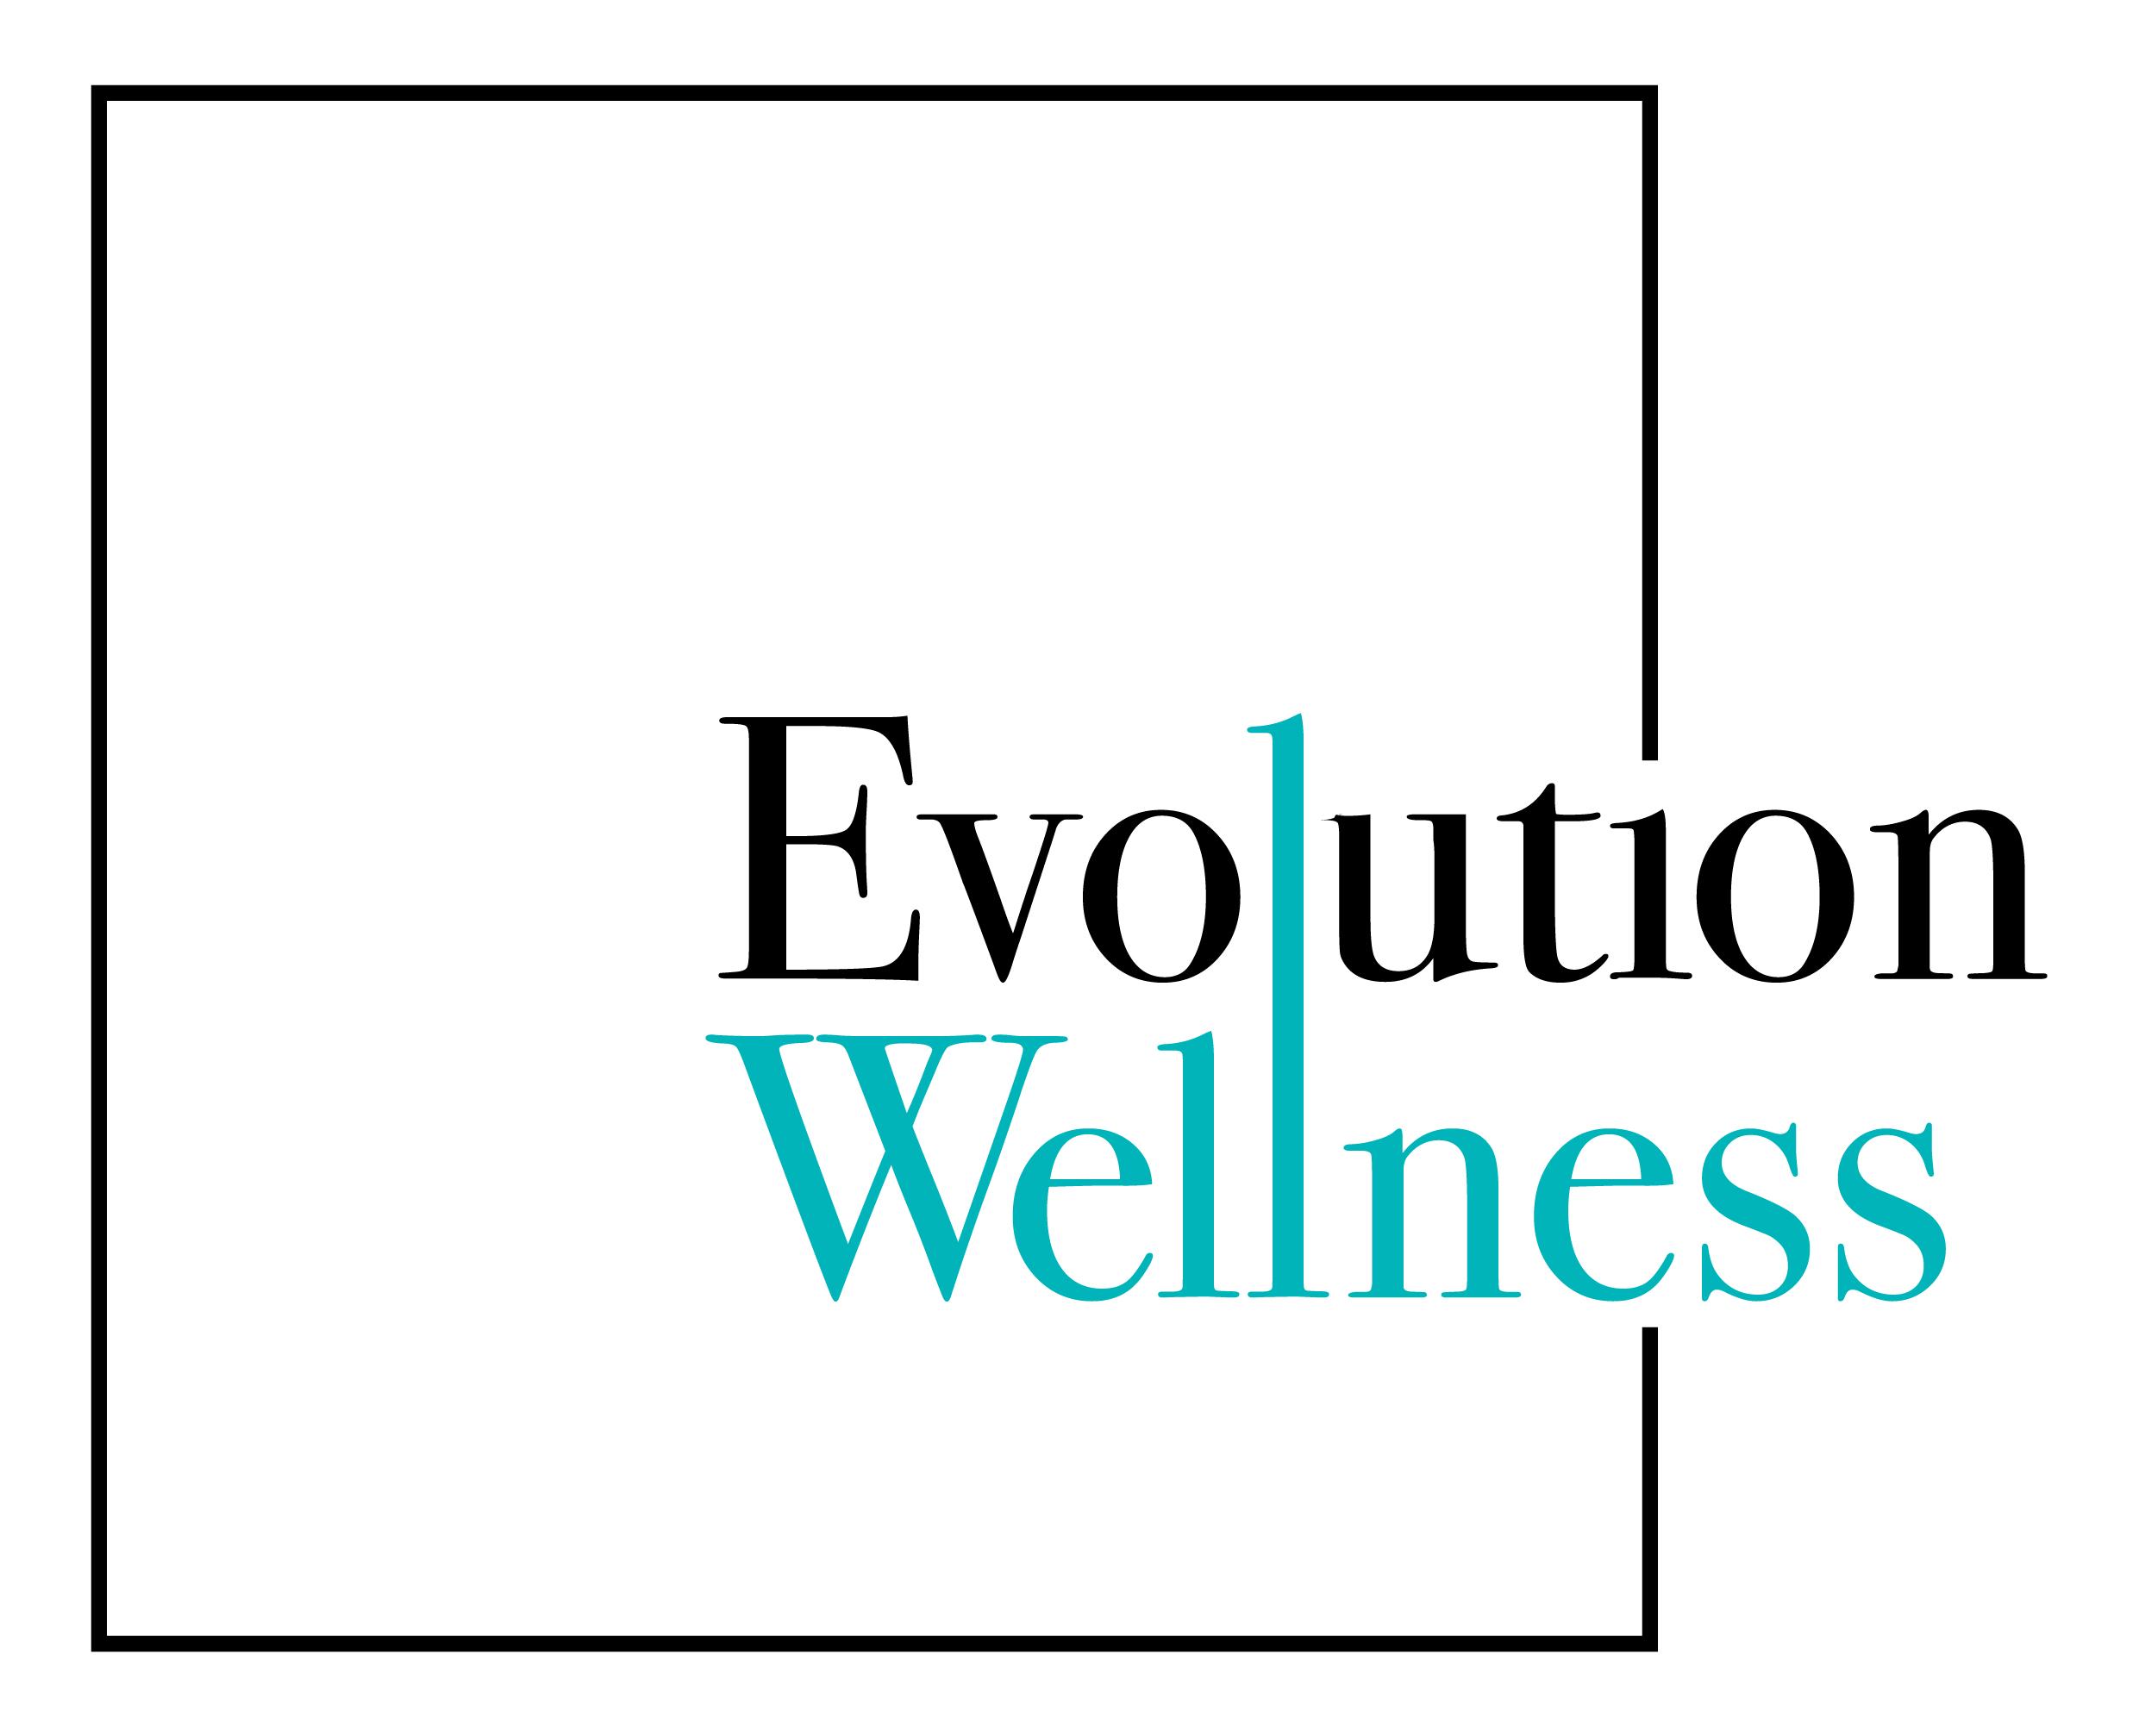 Evolution Wellness